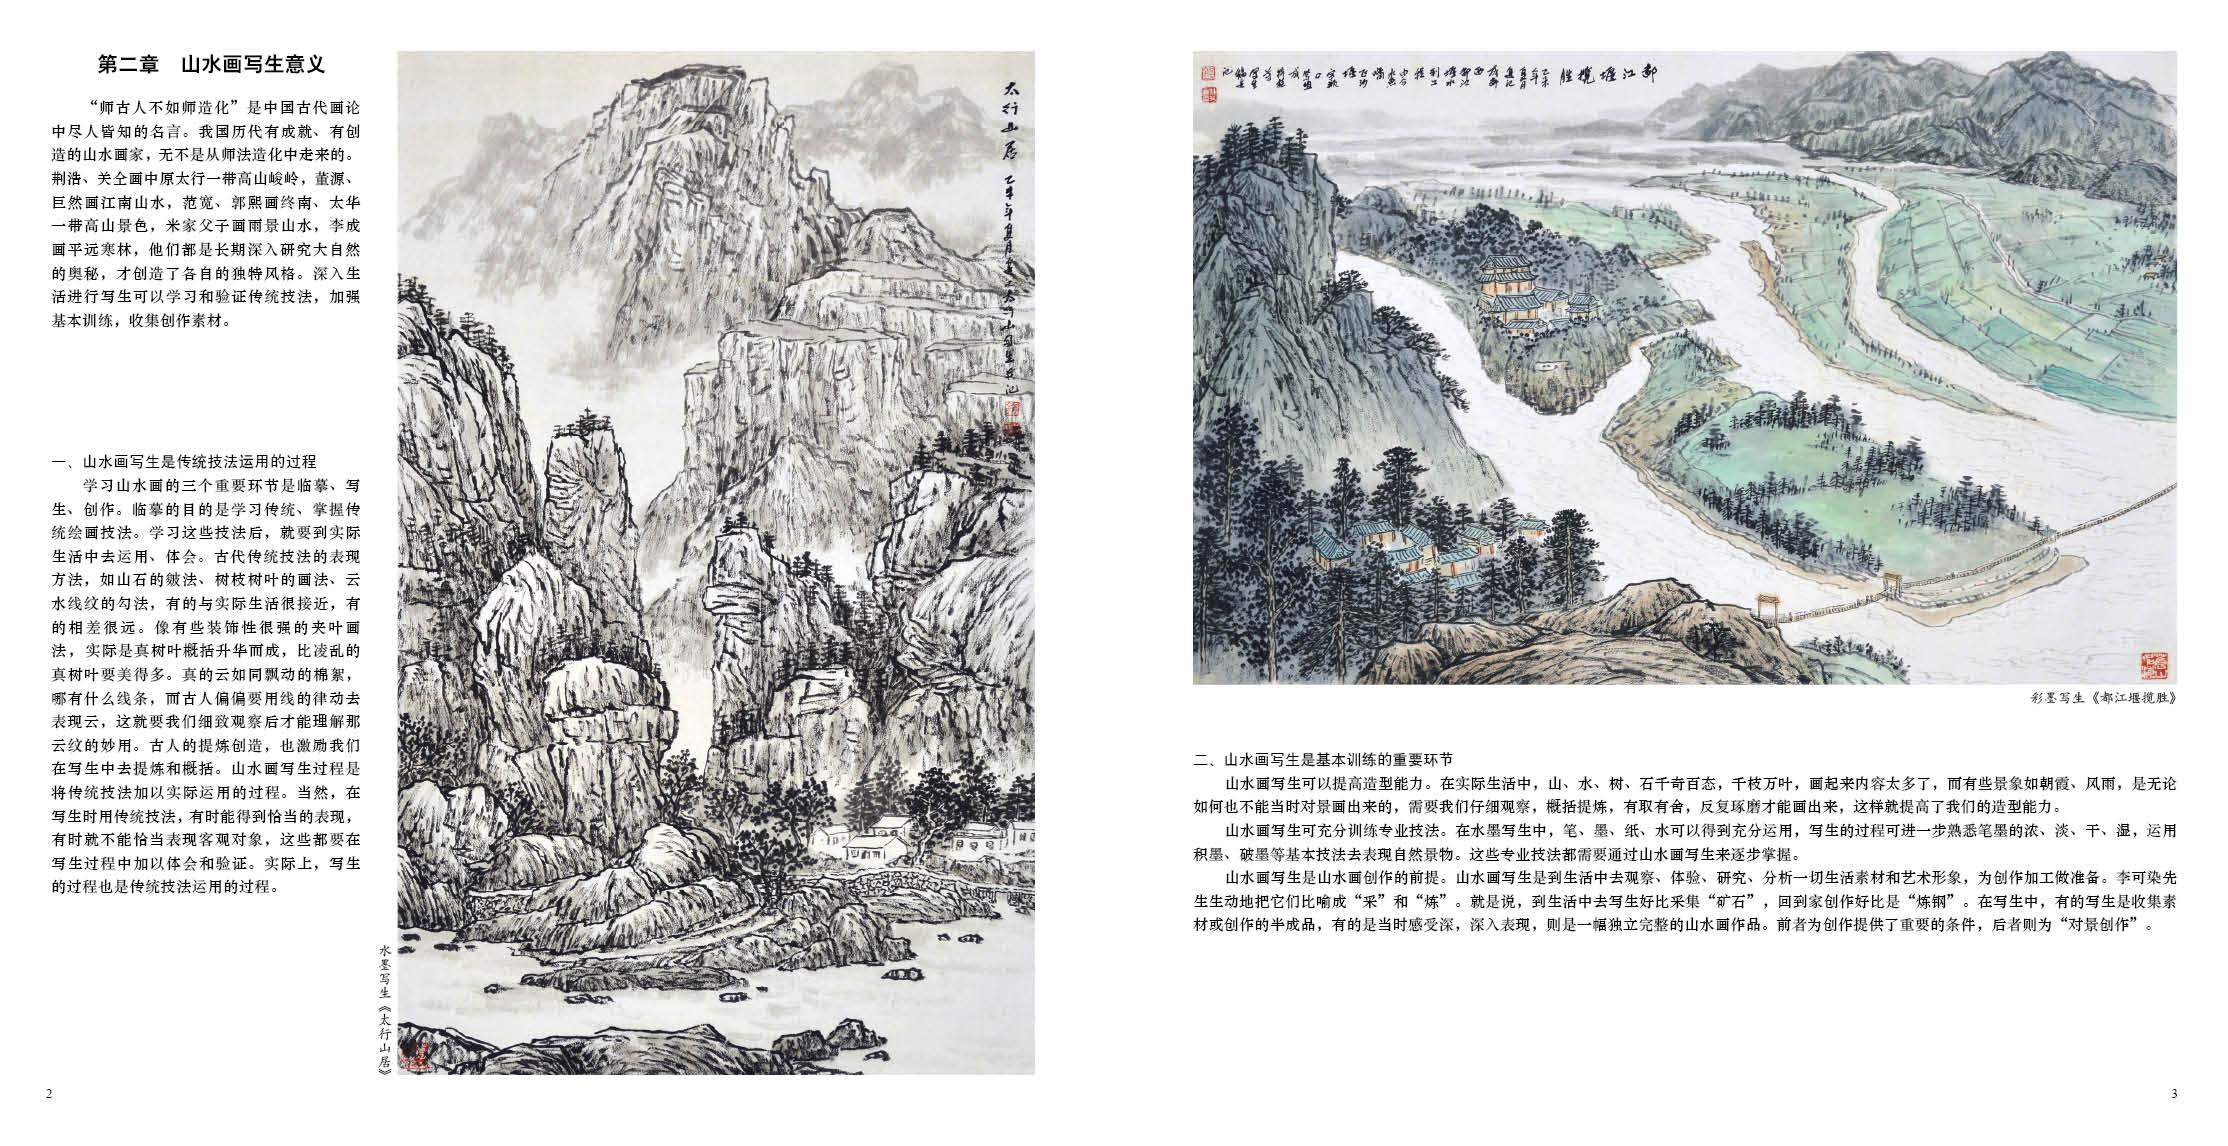 山水画写生中的观察,山水画写生方法,山水画写生步骤,山水画写生意匠